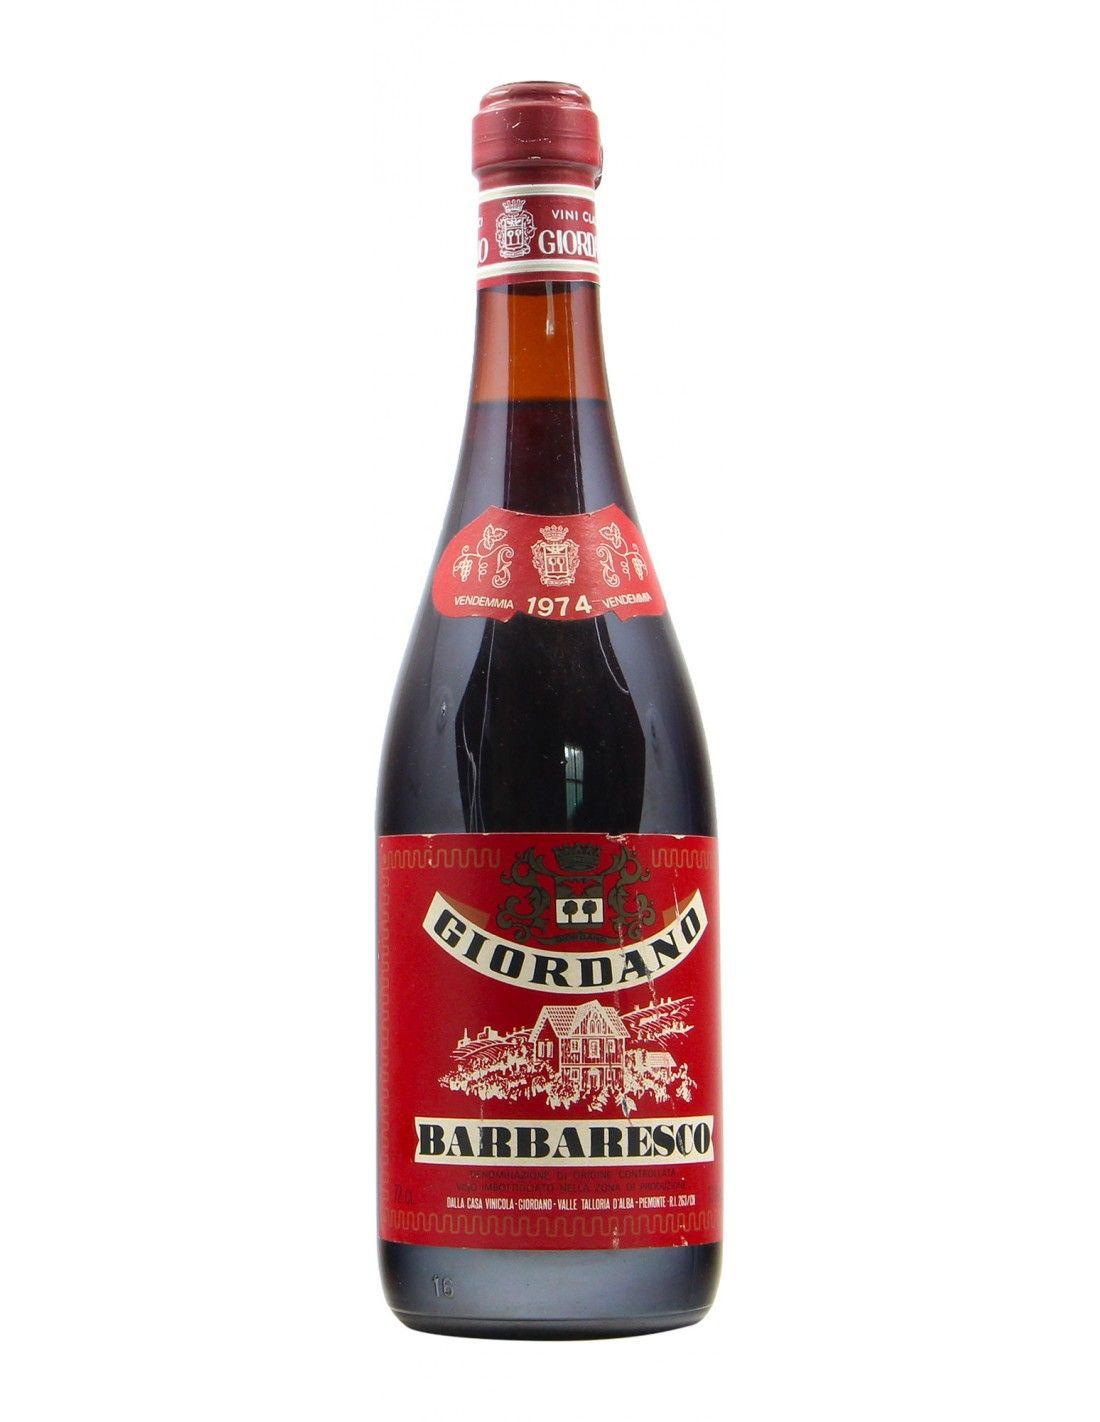 BARBARESCO 1974 GIORDANO Grandi Bottiglie